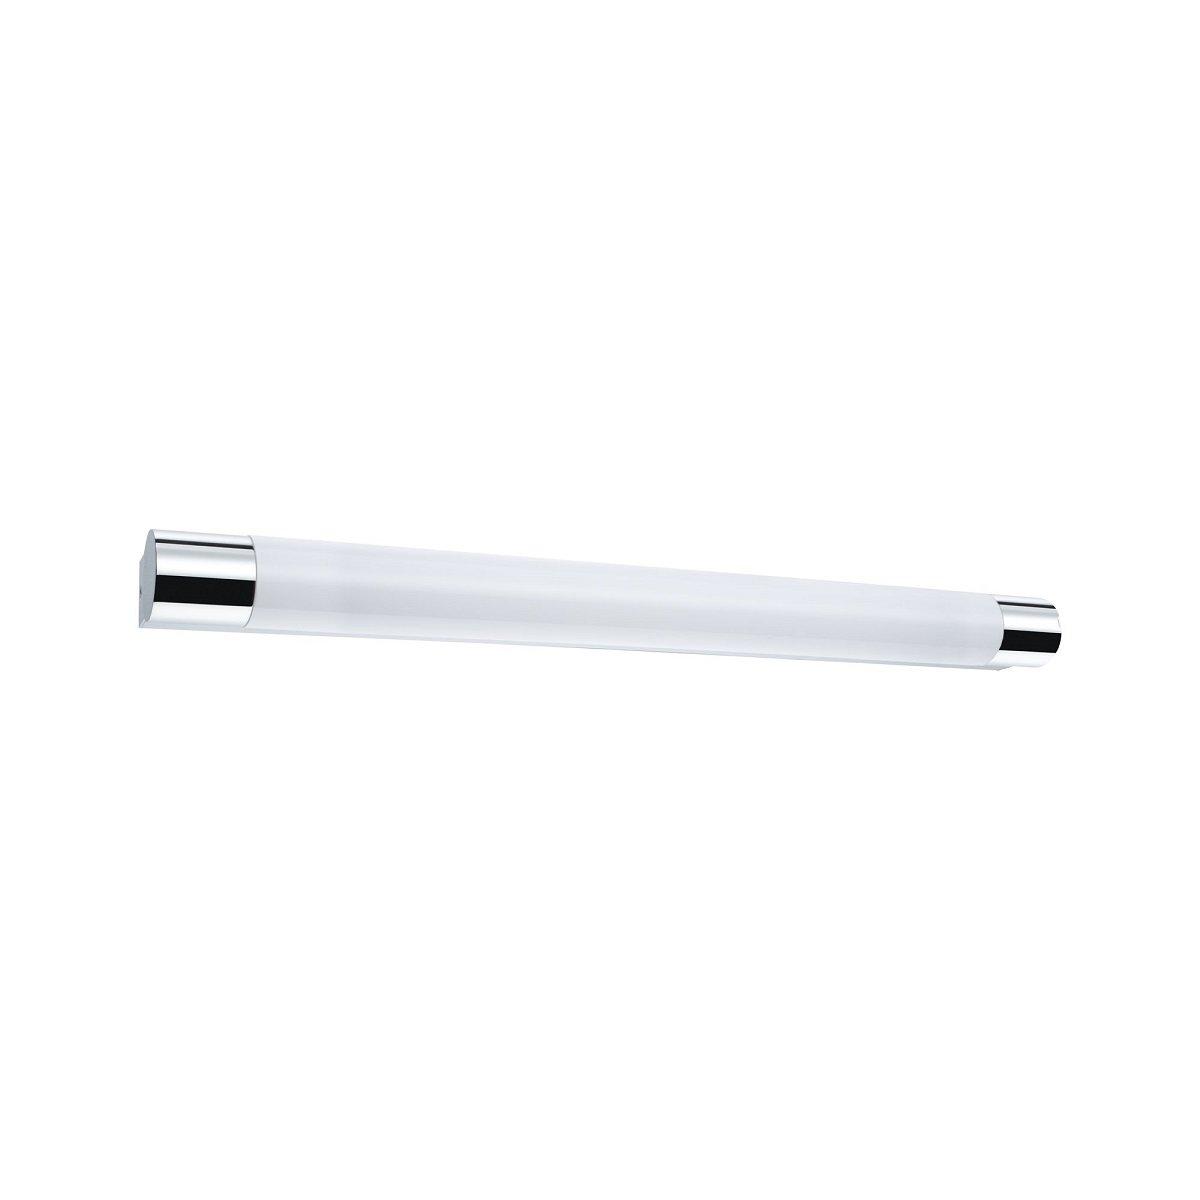 Hervorragend Paulmann No. 79713 Spiegelleuchte LED Orgon IP44 Steckdose 10,5W PX33